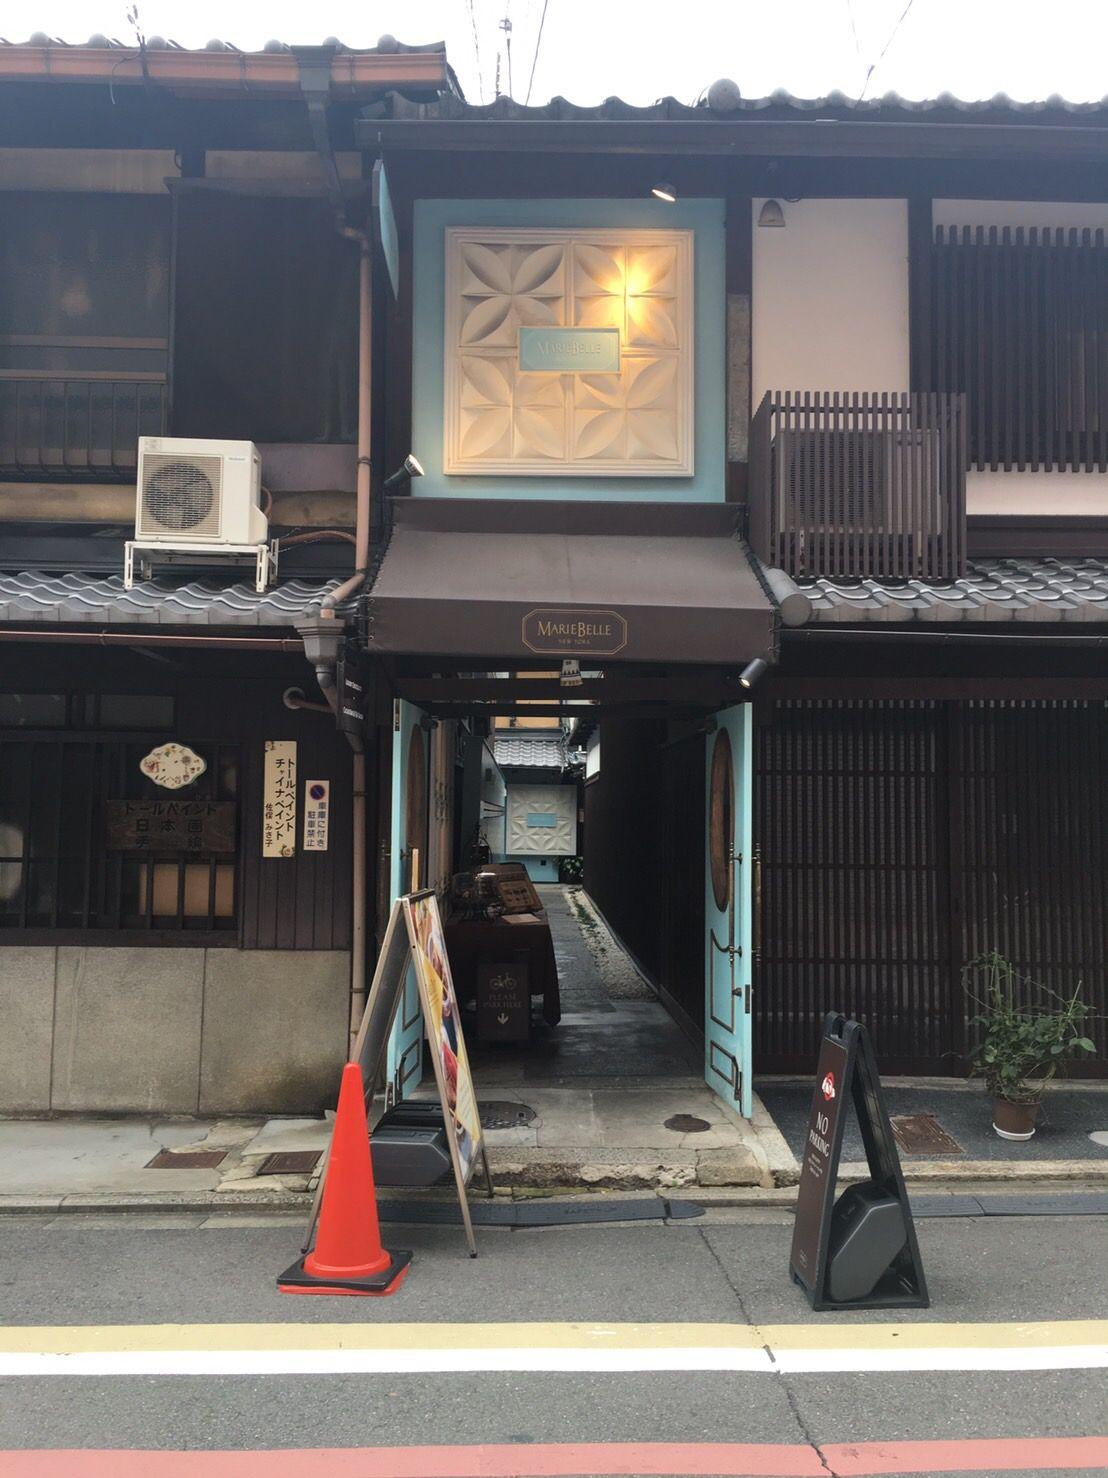 セレブ御用達として知られるNYのショコラティエ「マリベル」のショップは日本でここだけ